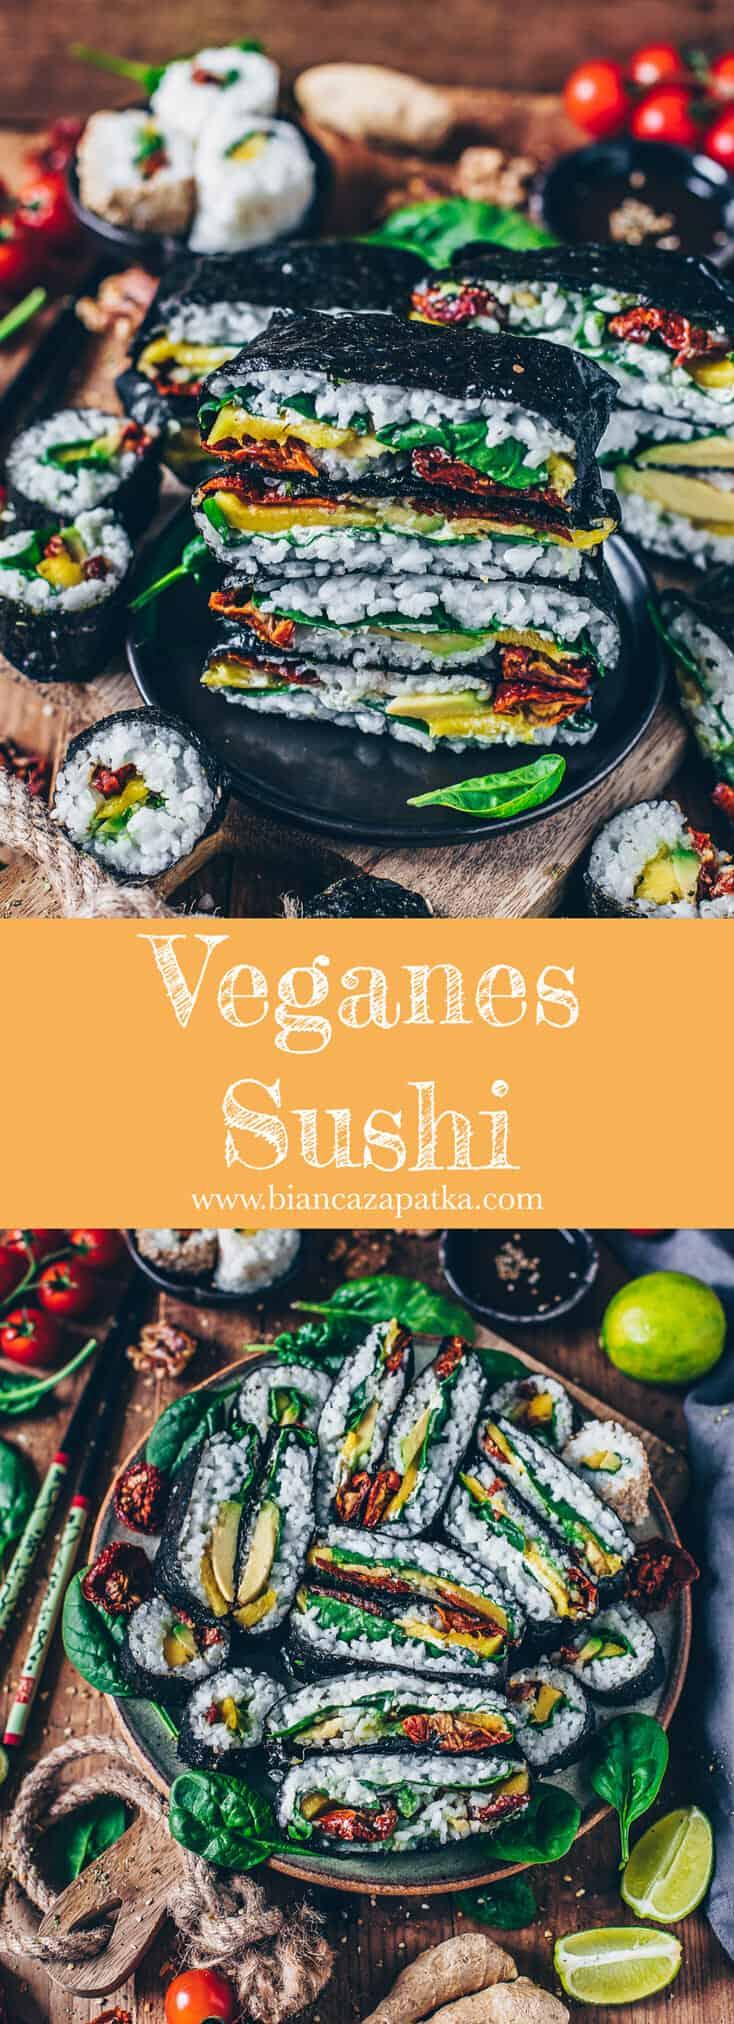 Veganes Sushi aus pflanzlichen Zutaten. Dieses Rezept ist glutenfrei, gesund, sehr lecker und man kann es vielseitig zubereiten. Die Sushi-Sandwiches (Onigirazu) eignen sich auch prima als Snack zum Mitnehmen.